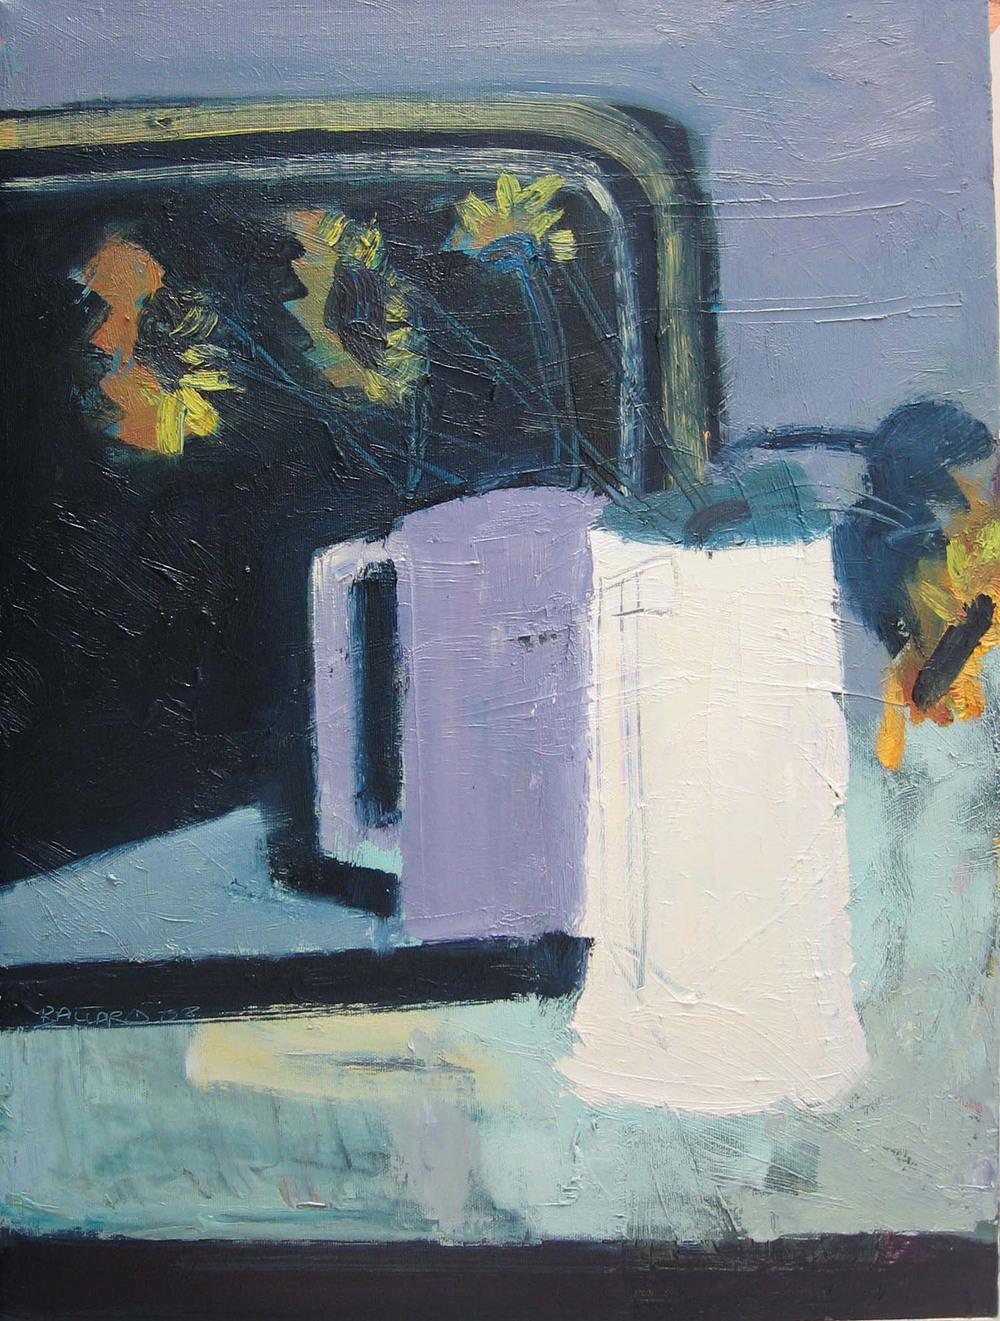 Brian Ballard_-_White Jug and Mirror_61 x 46cm.jpg